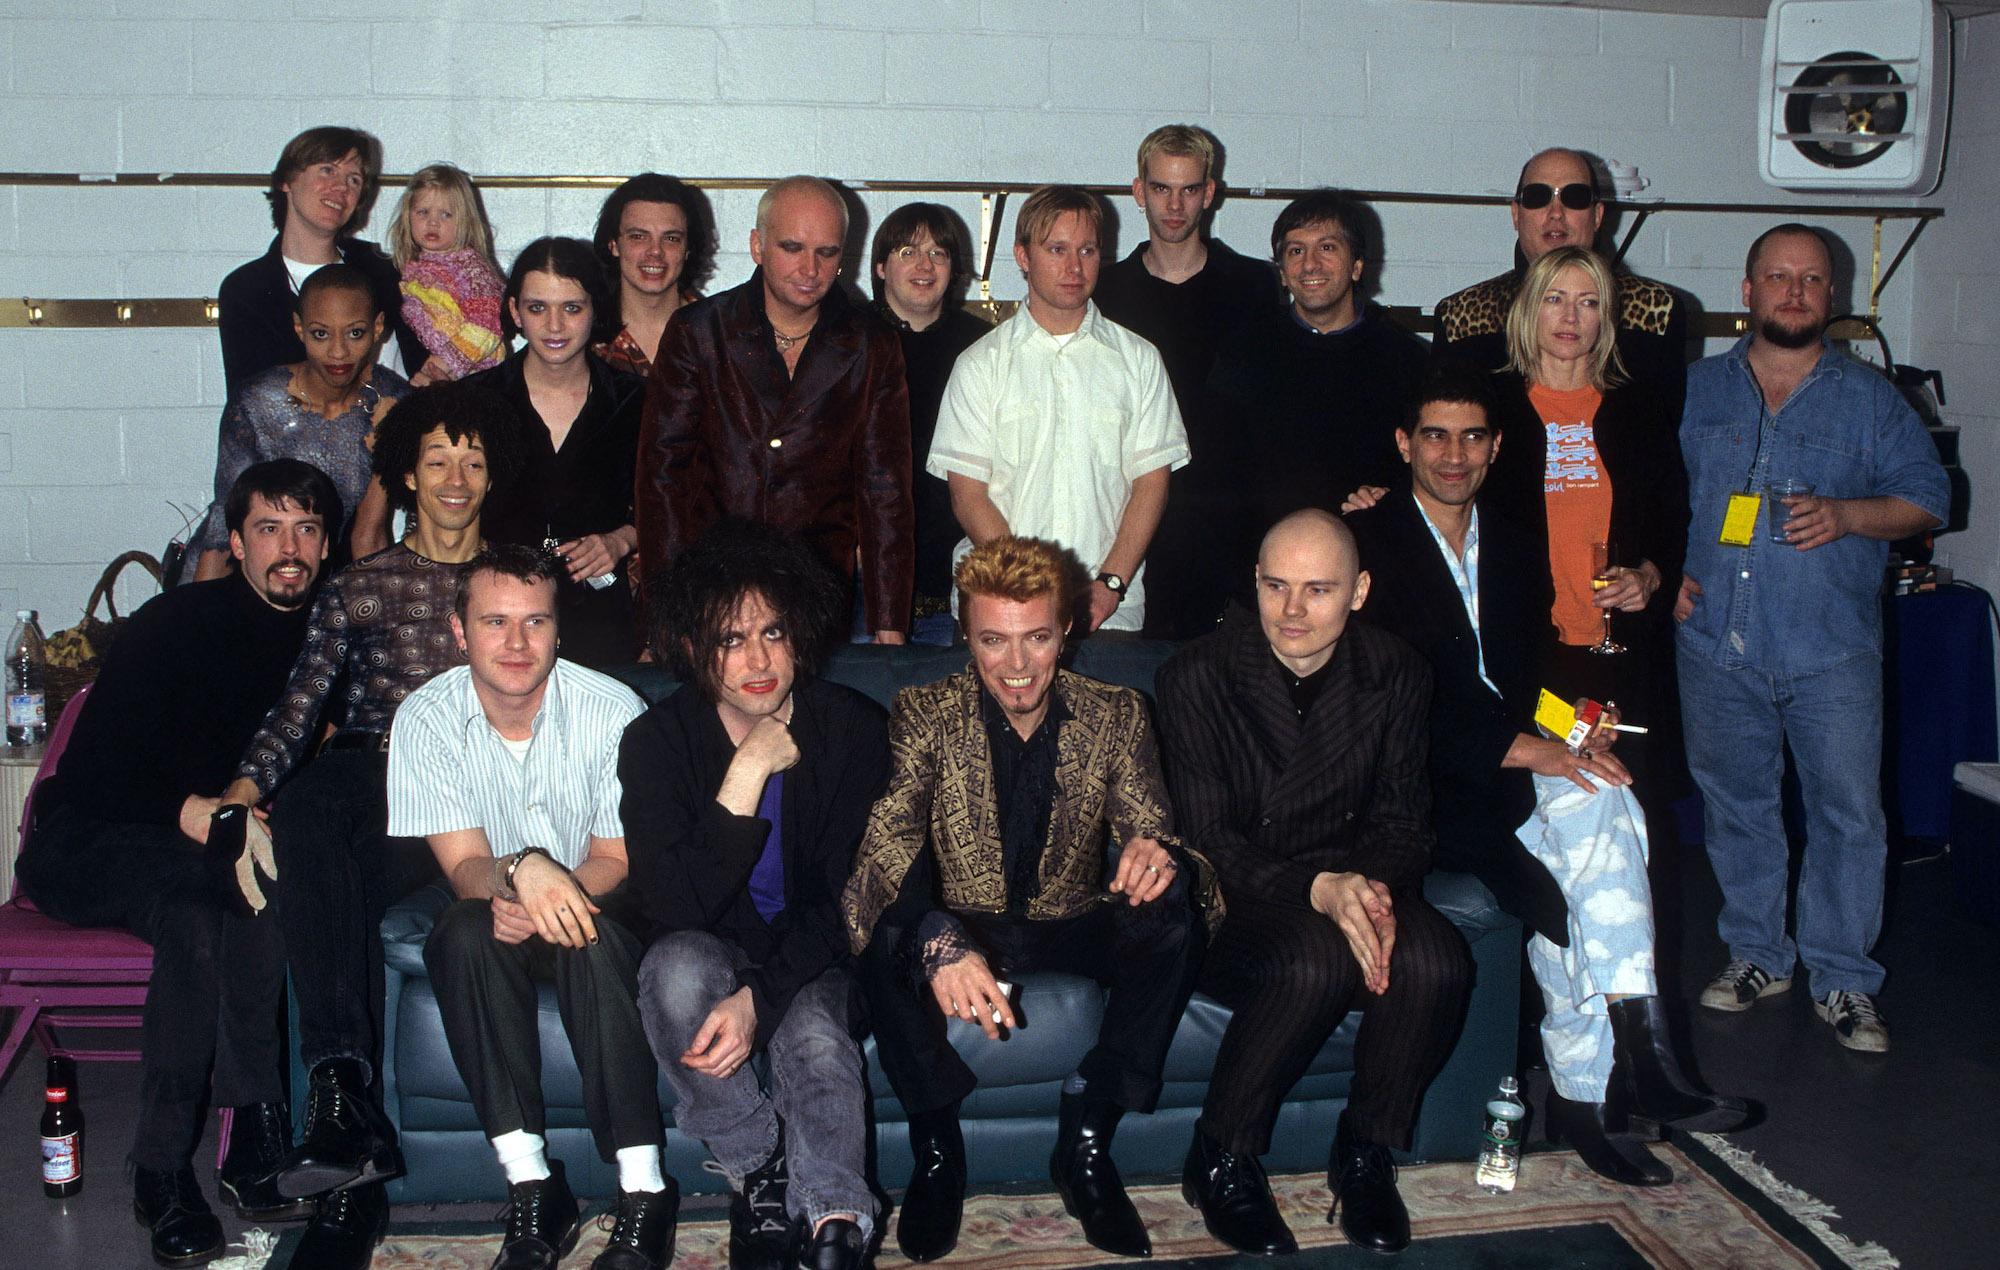 David Bowie 50th birthday